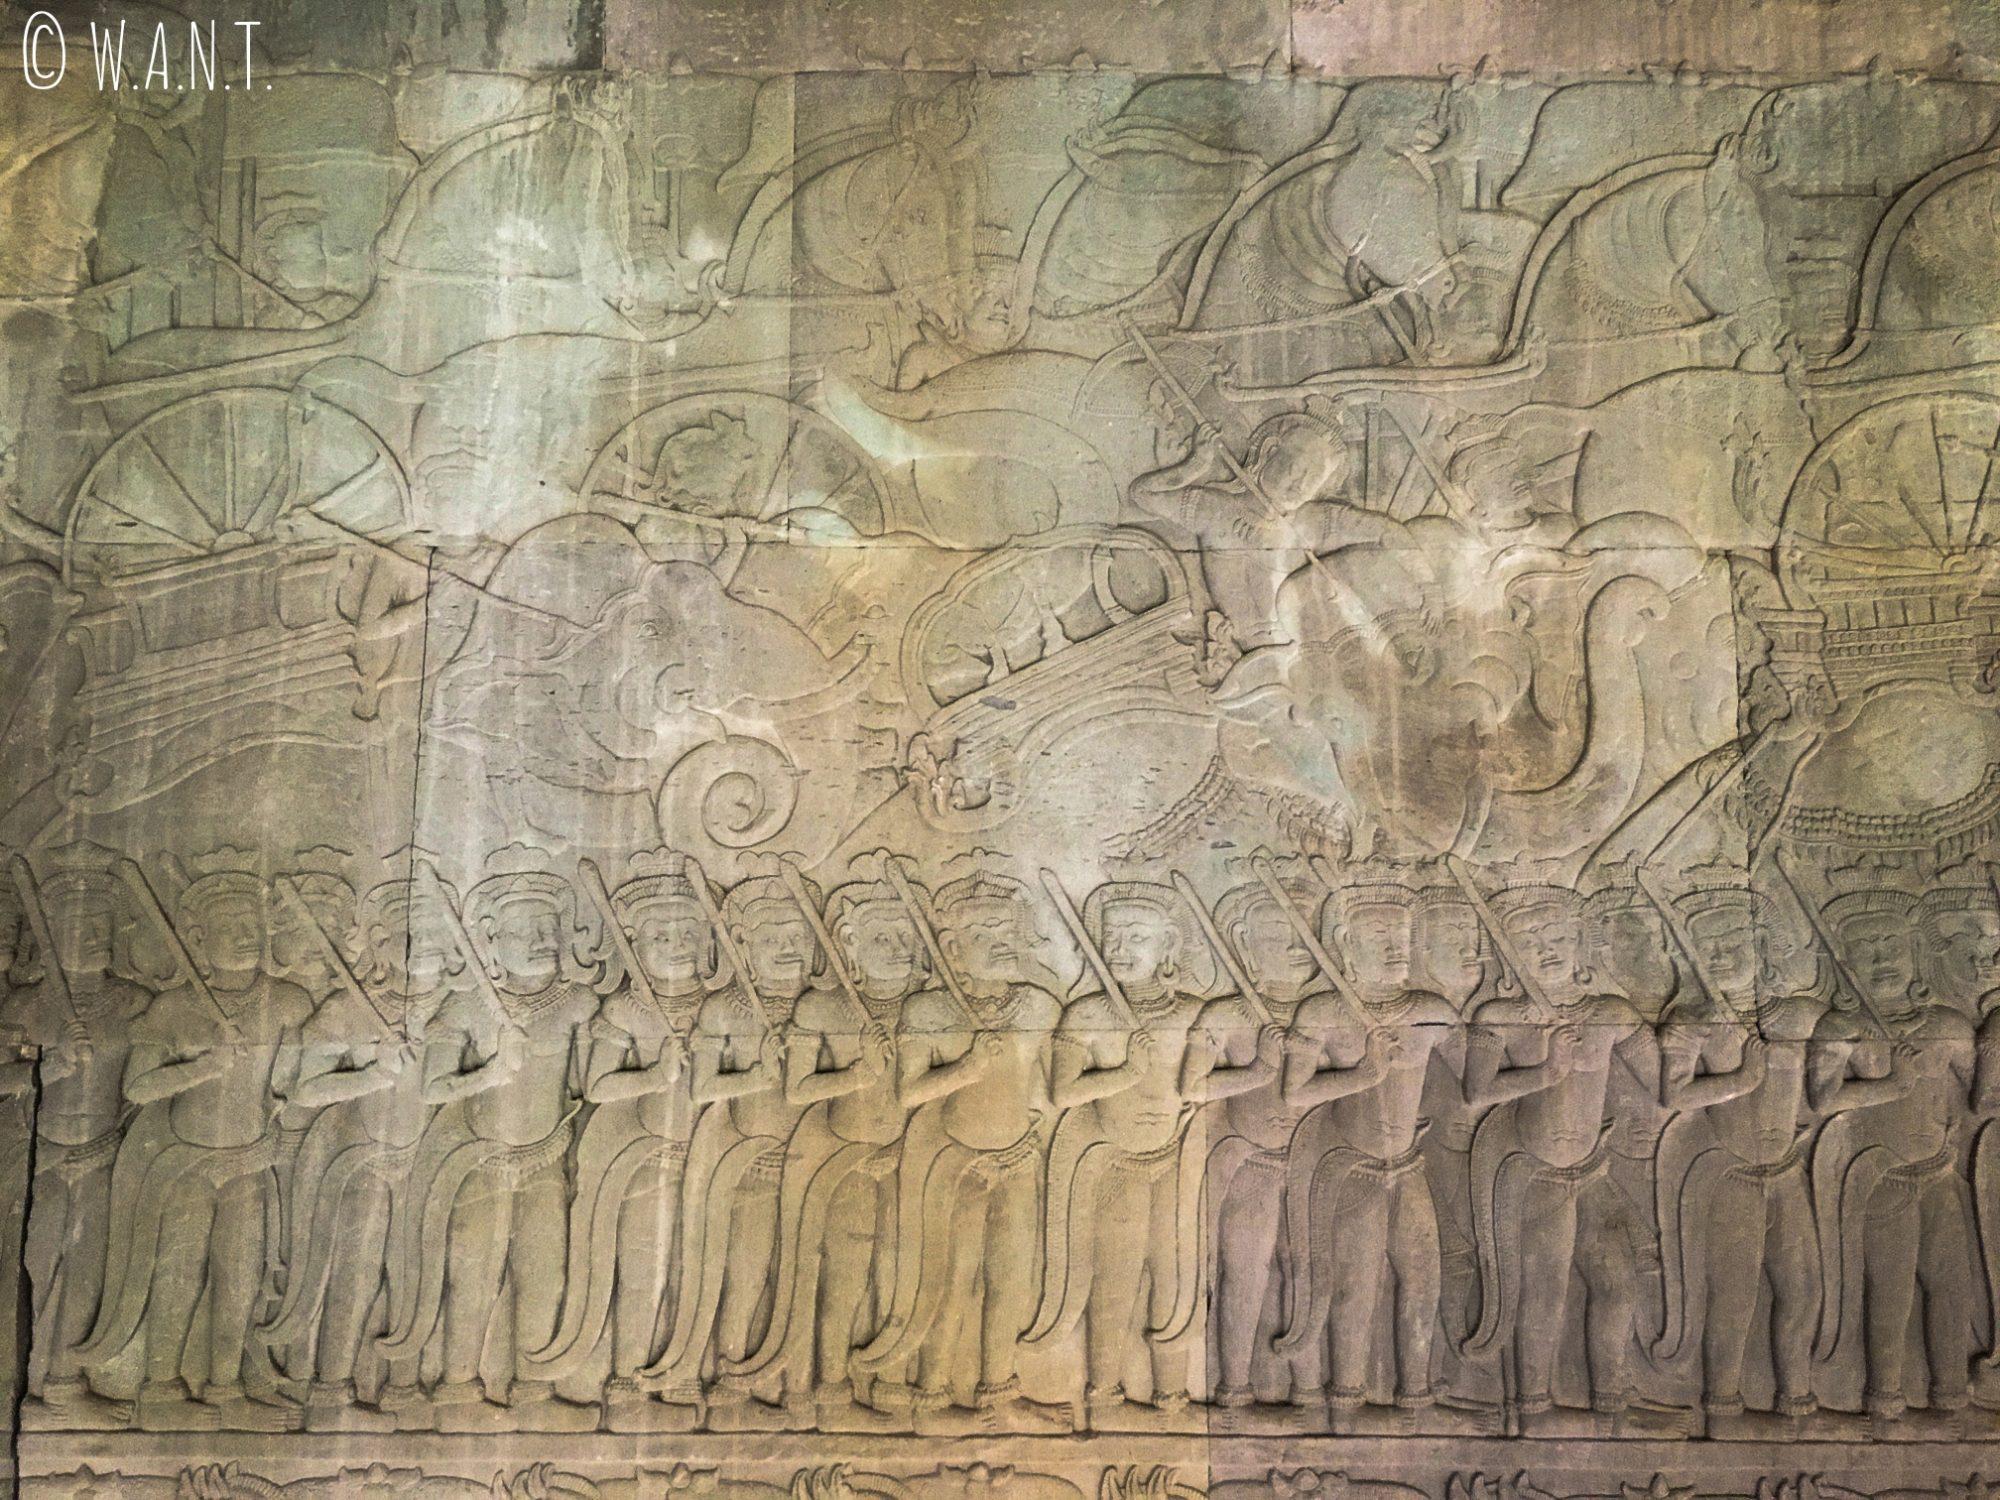 Superbes bas-reliefs d'Angkor Wat à Siem Reap